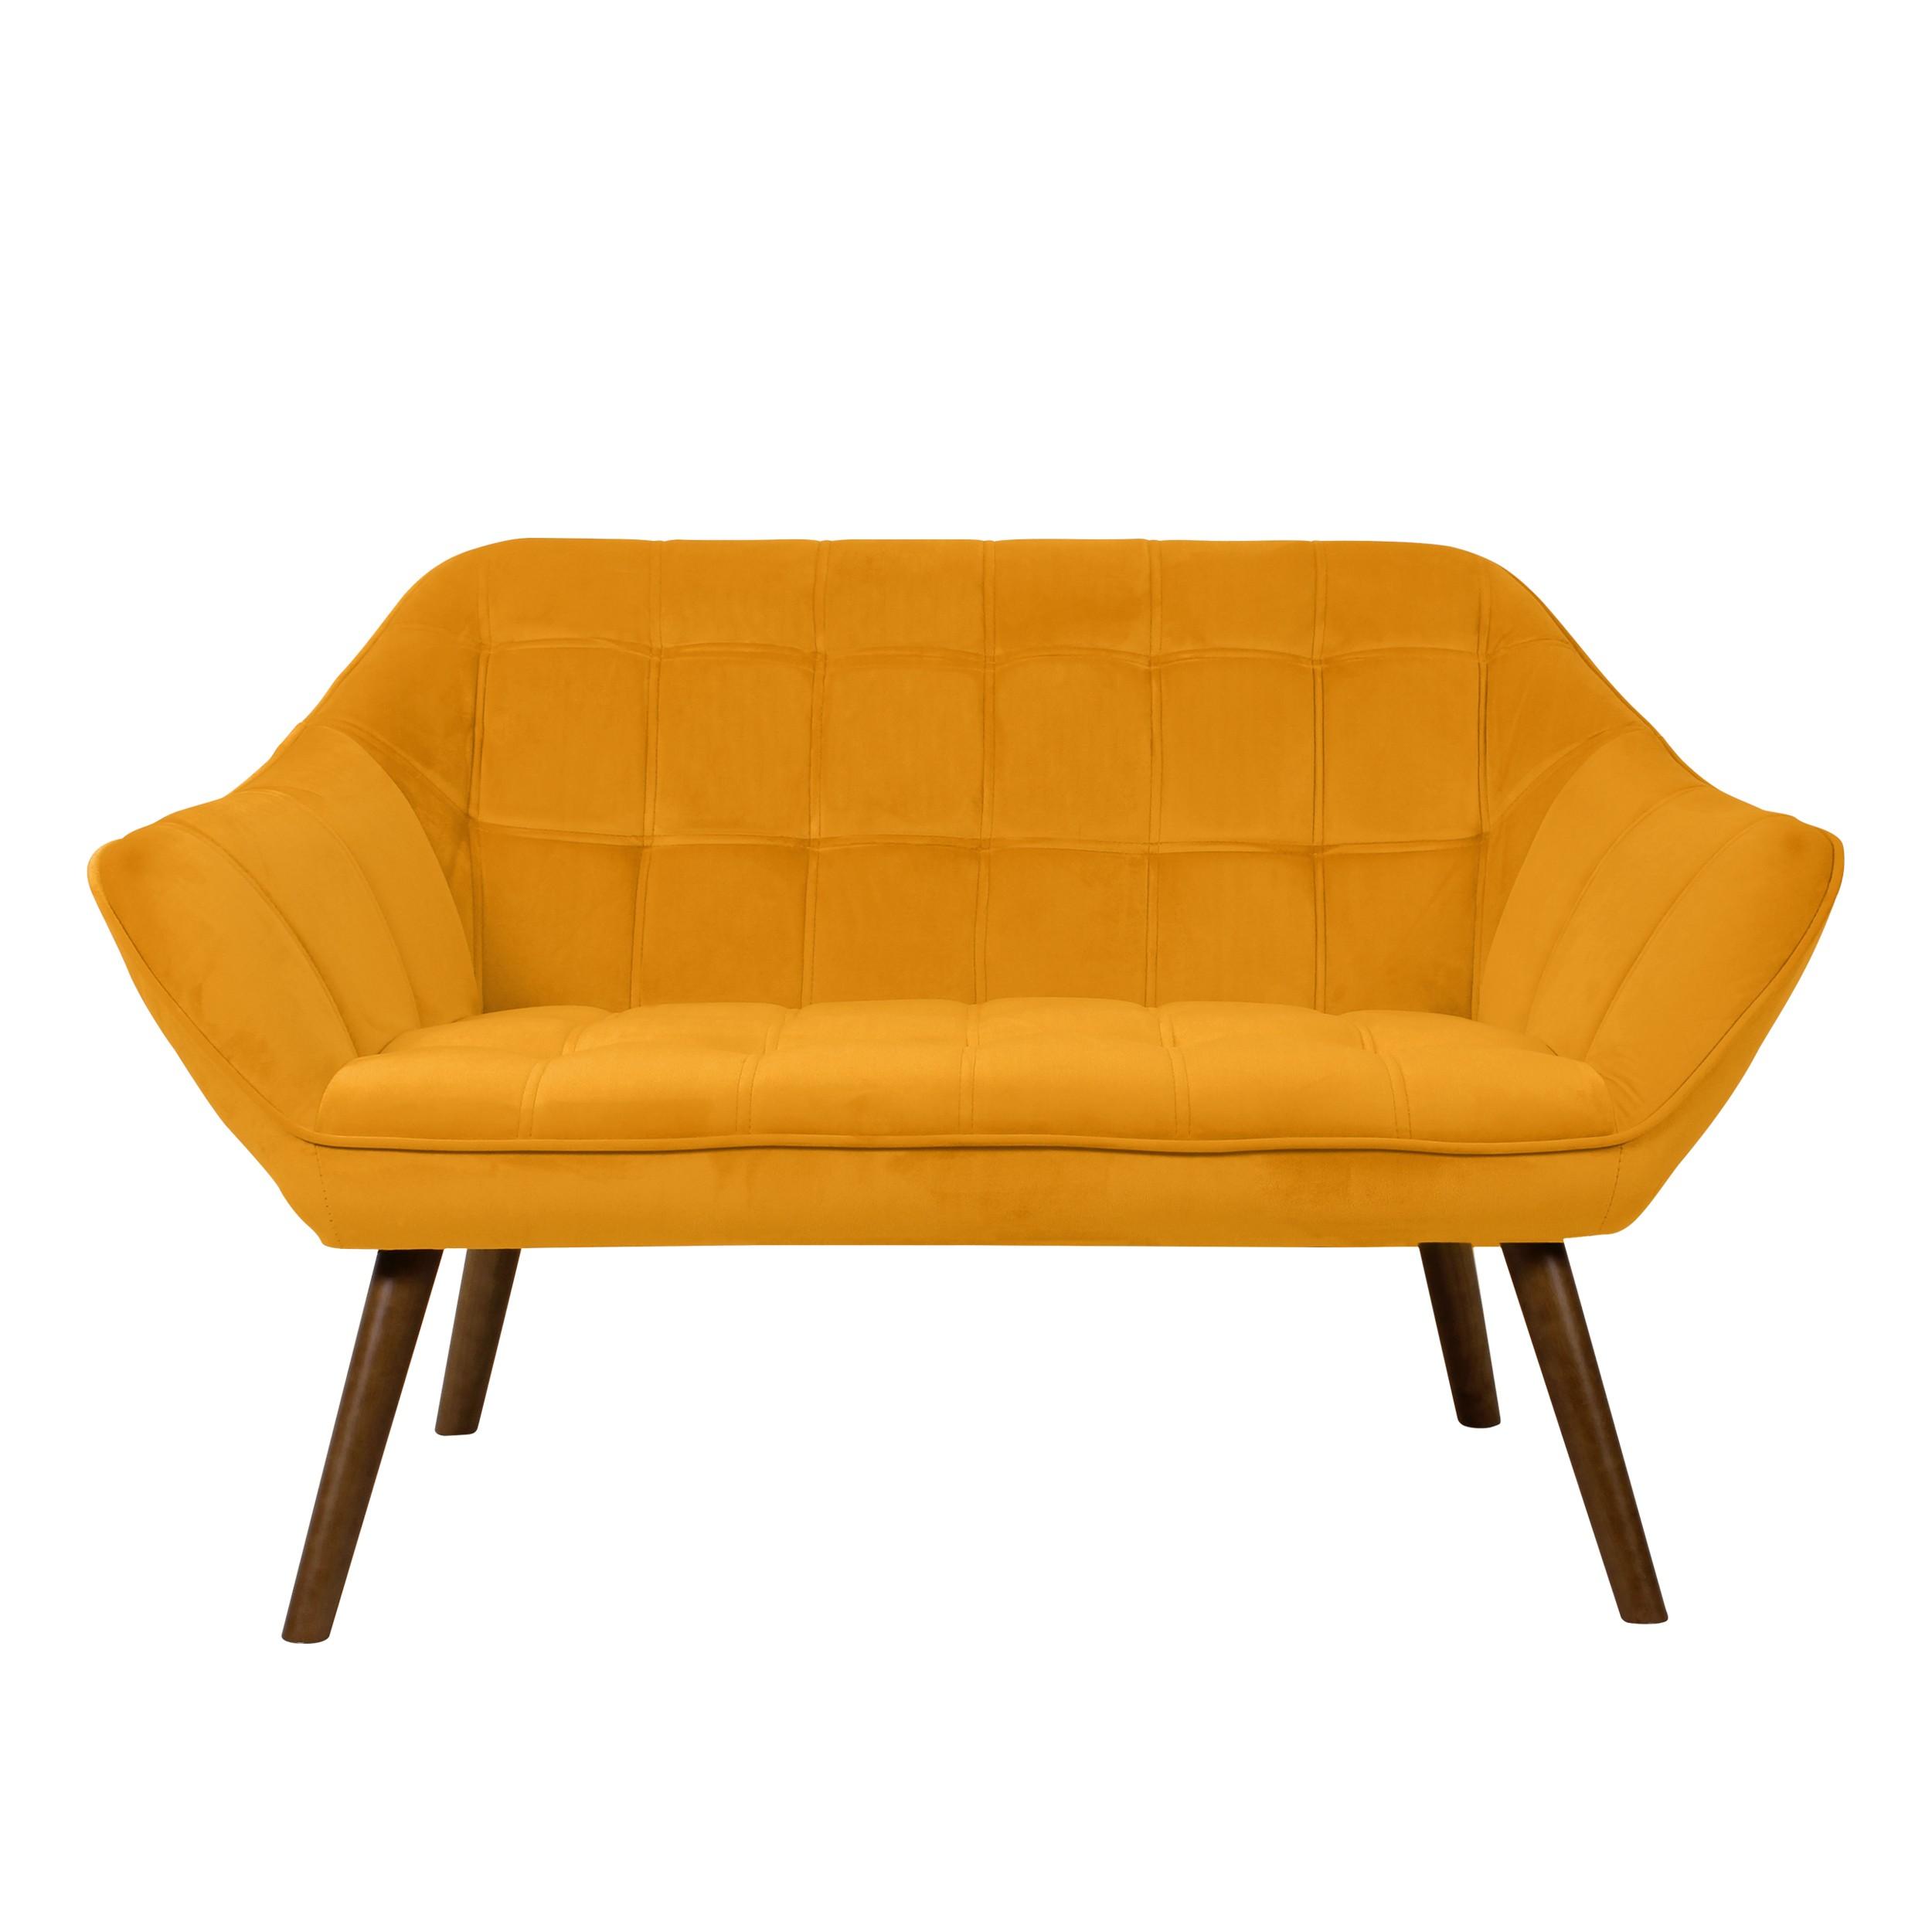 acheter canape velours jaune 2 places